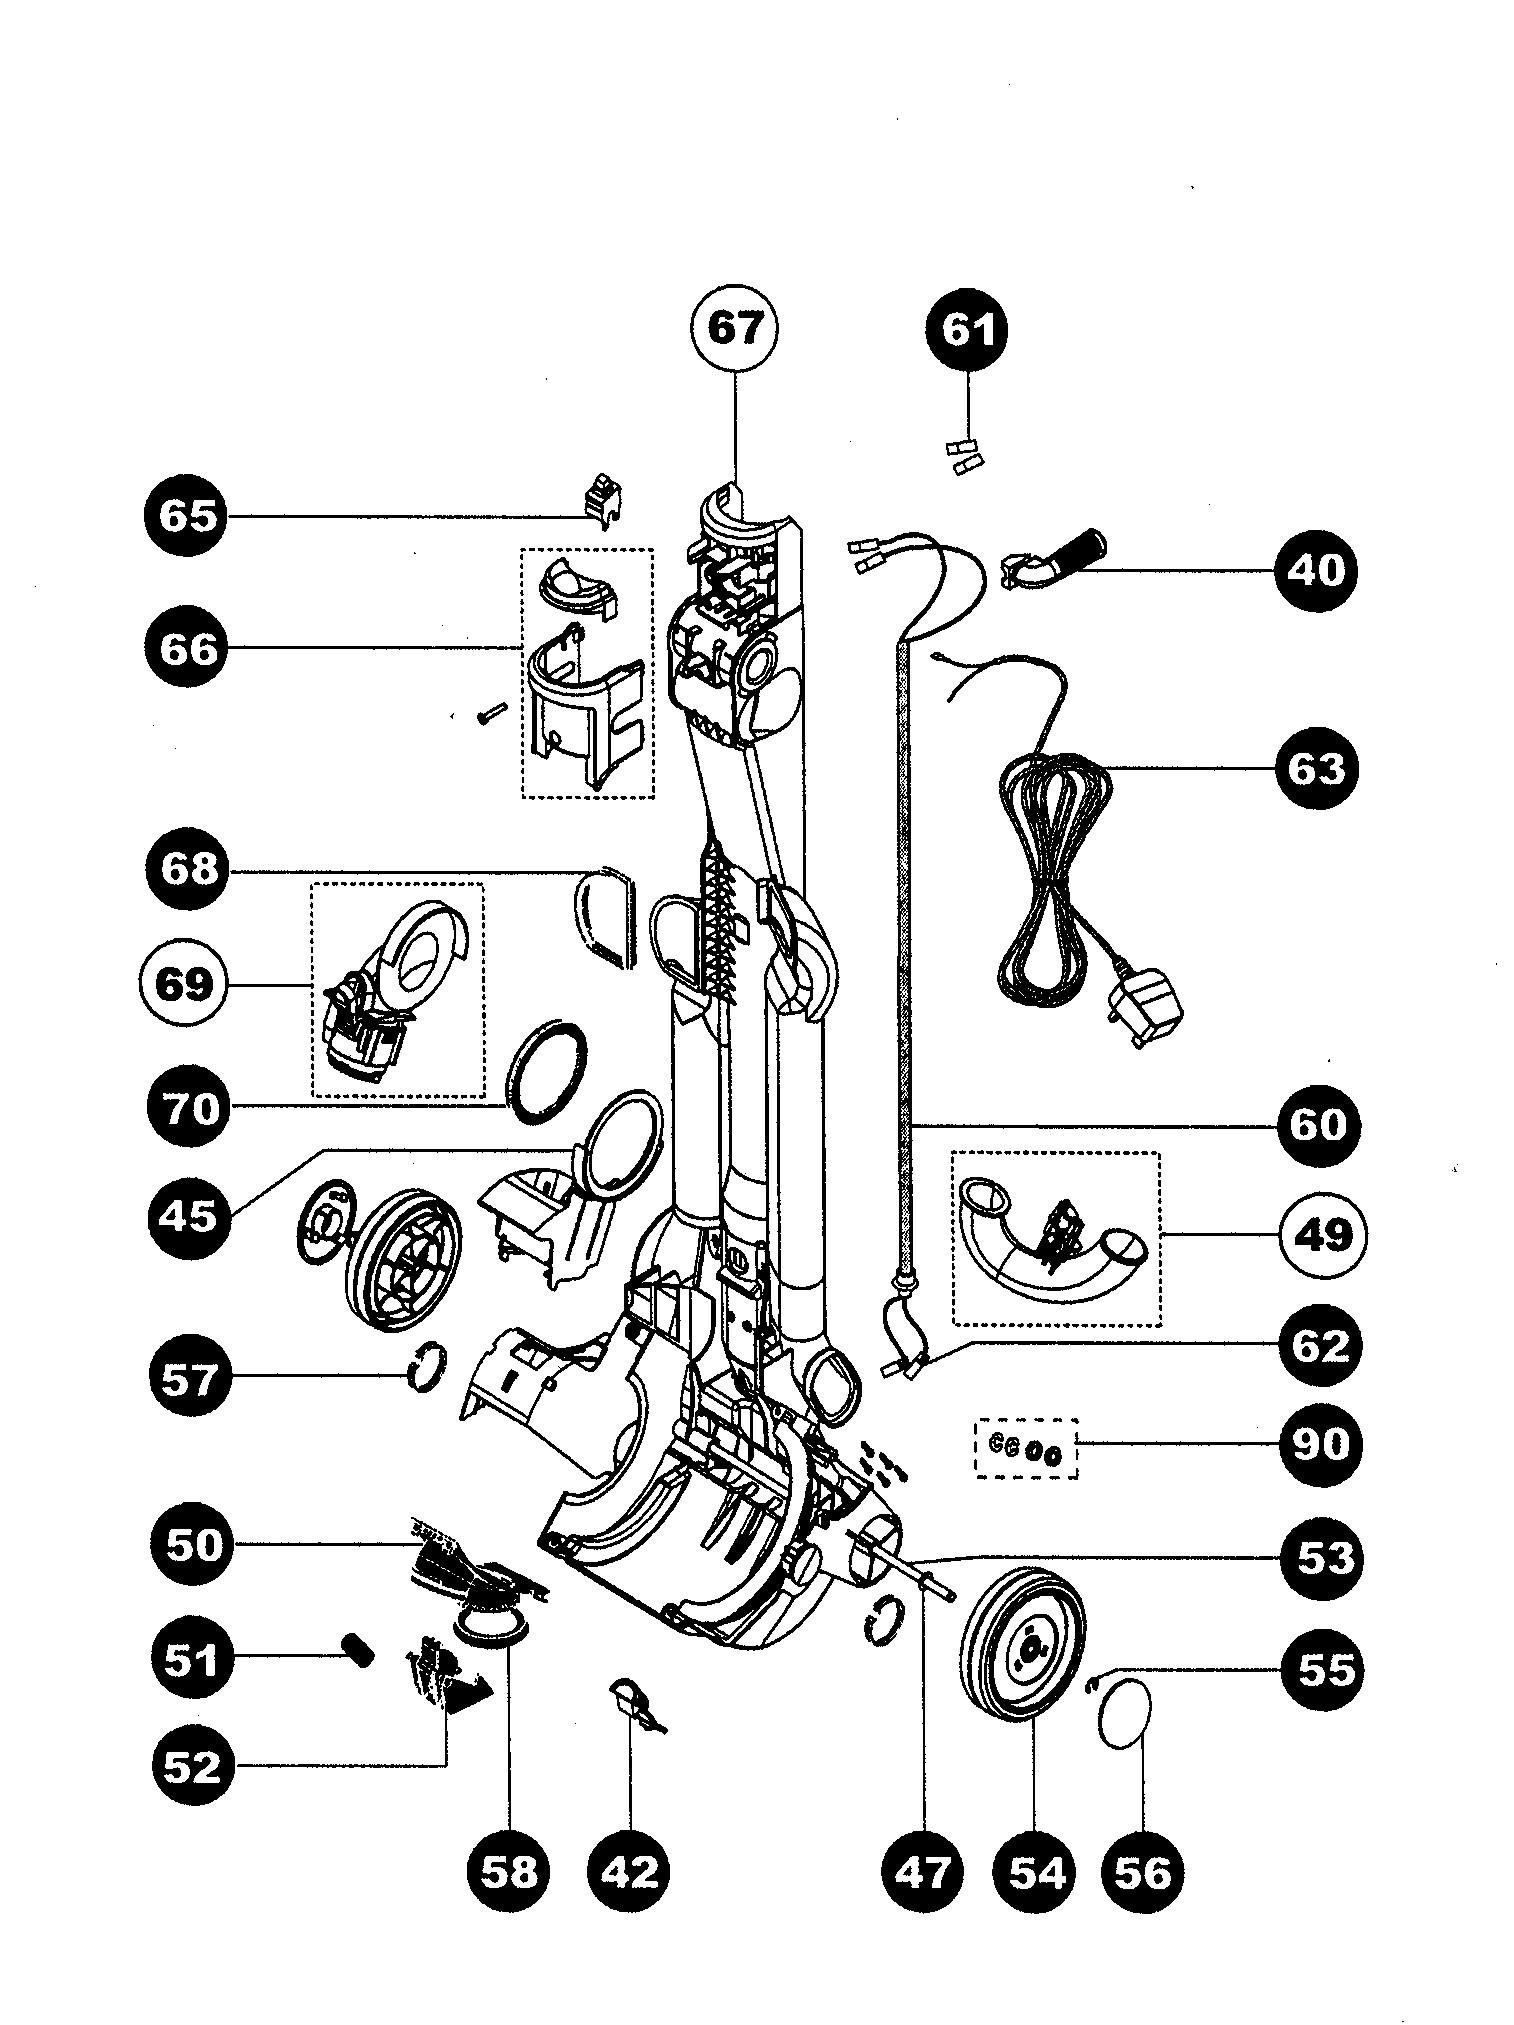 Dyson Dc15 Parts Diagram Dyson Dc33 Parts Diagram Rug Doctor Parts Diagram Dyson Dc14 Of Dyson Dc15 Parts Diagram